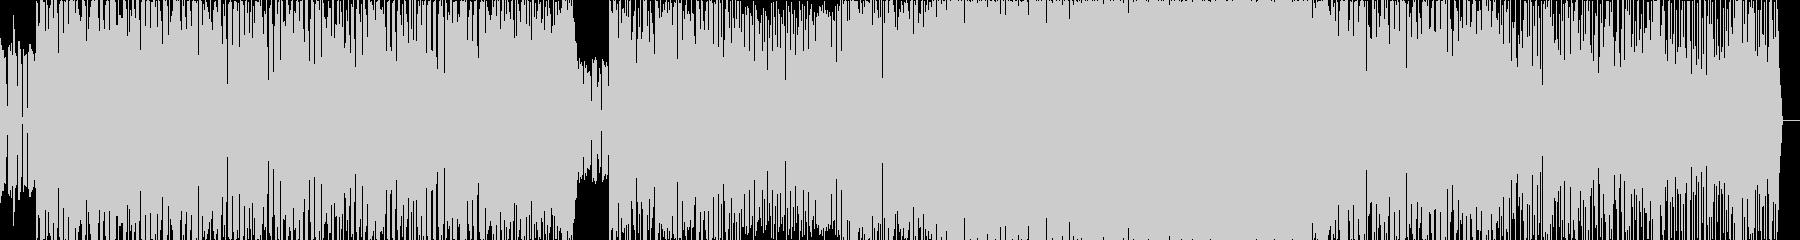 グッバイ・ロバートの未再生の波形